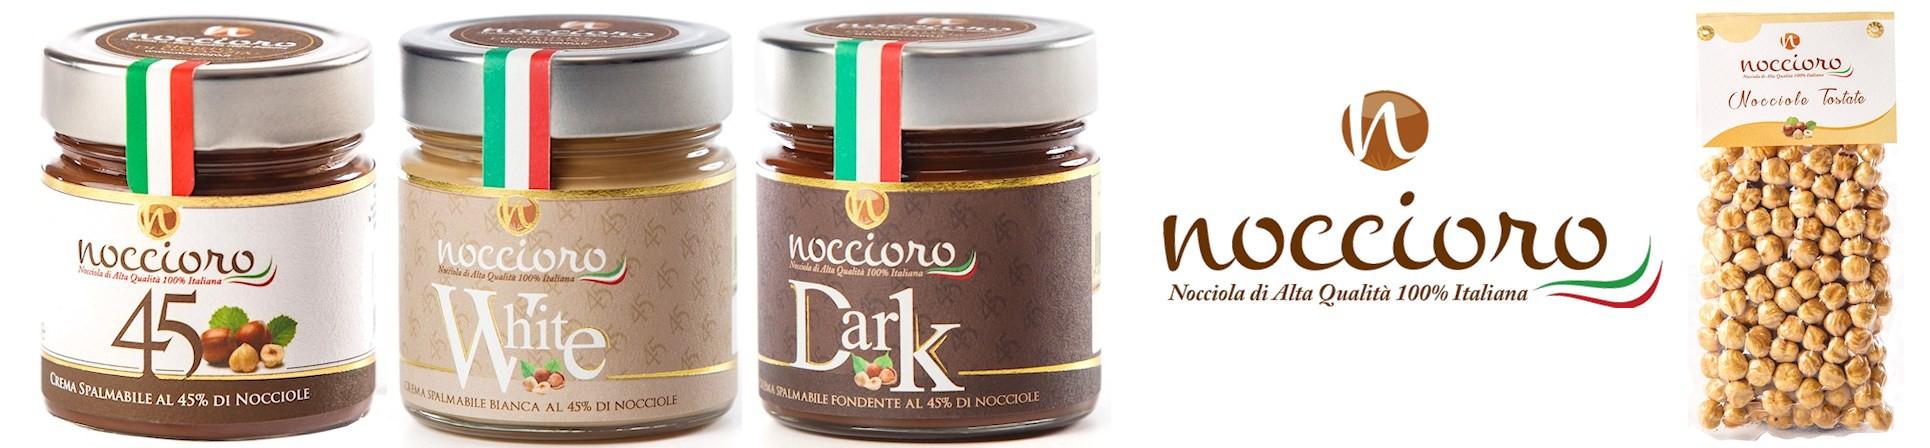 B2B GUSTOX - il Marketplace all'ingrosso delle eccellenze agroalimentari italiane - Nocciole di alta qualità - NOCCIORO